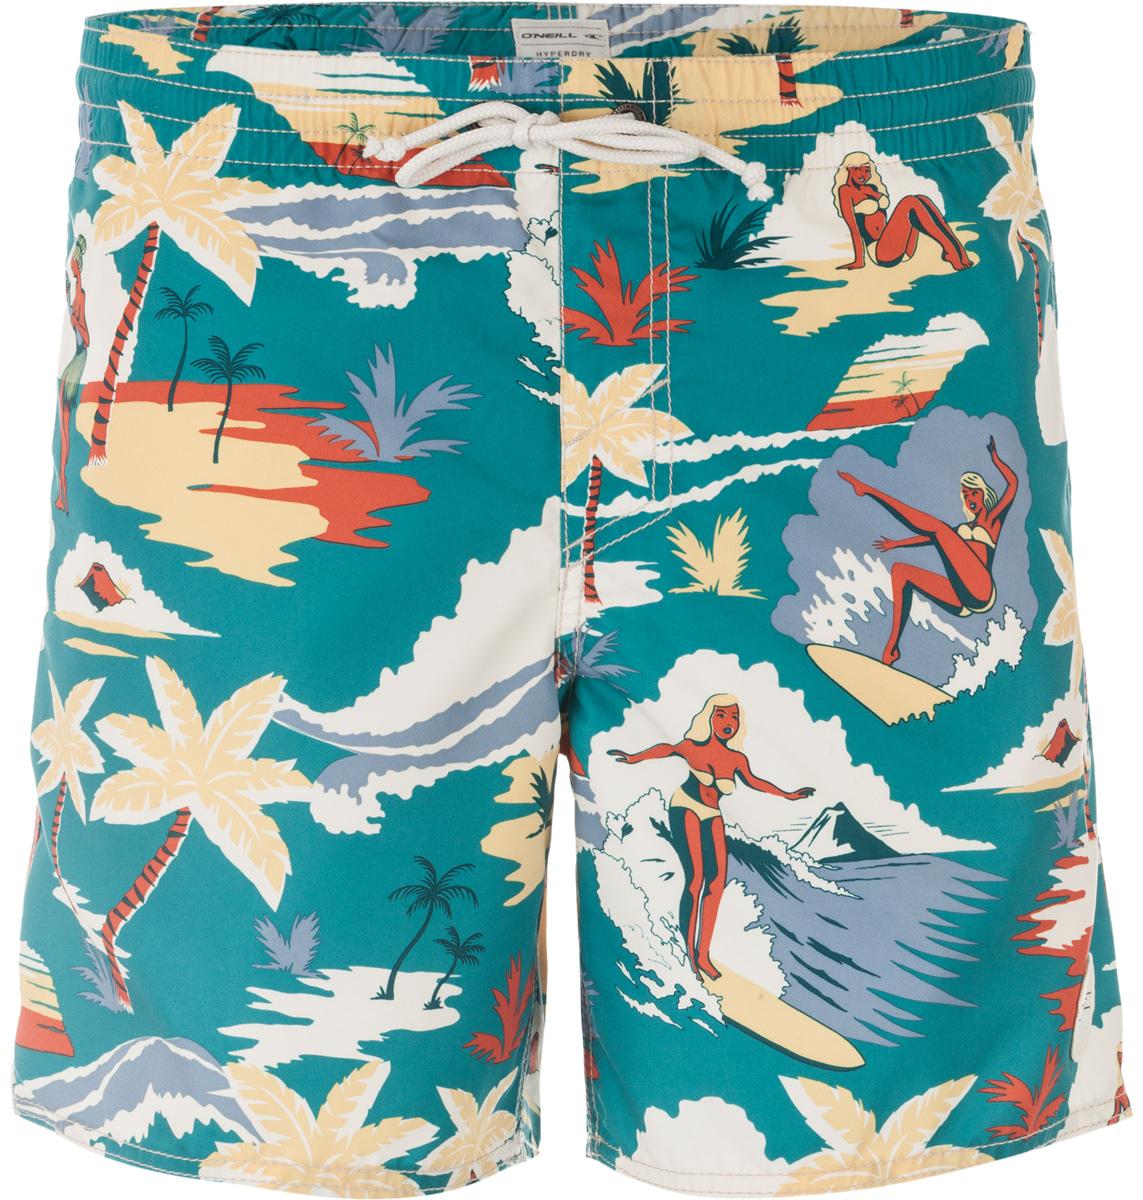 Шорты пляжные мужские ONeill Pm Socal Boardshorts, цвет: зеленый. 7A3682-6900. Размер L (50/52)7A3682-6900Мужские пляжные шорты ONeill выполнены из 100% полиэстера. Технология Hyperdry надежно защищает от влаги, пропускает воздух и позволяет ткани быстро сохнуть. Пояс снабжен эластичной резинкой с затягивающимся шнурком для комфортной посадки. Изделие декорировано ярким летним принтом.